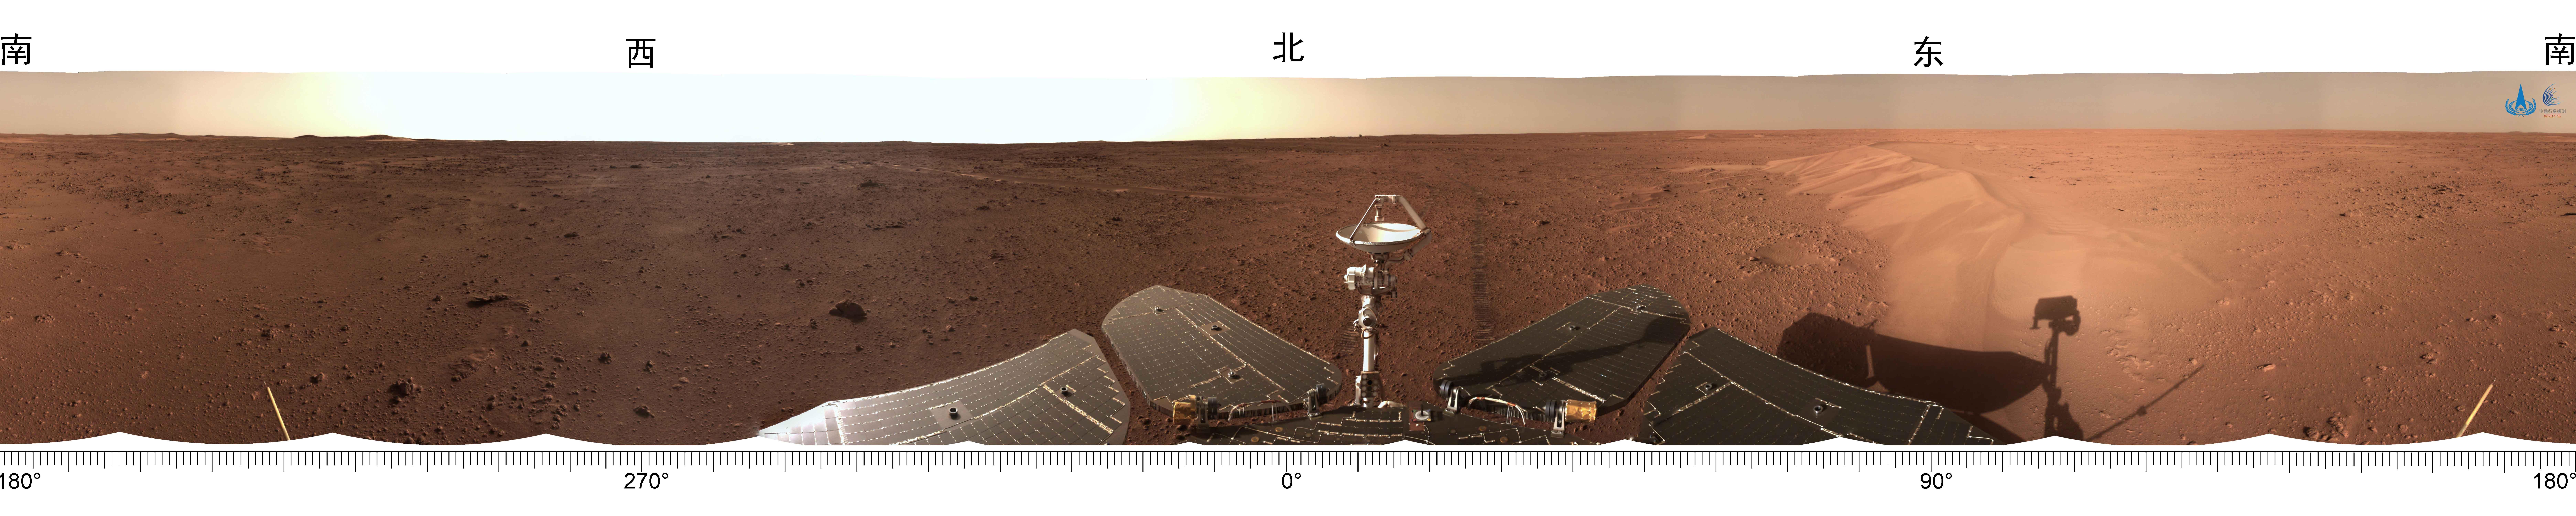 Научная среда – новости о науке и технике. Выпуск #77